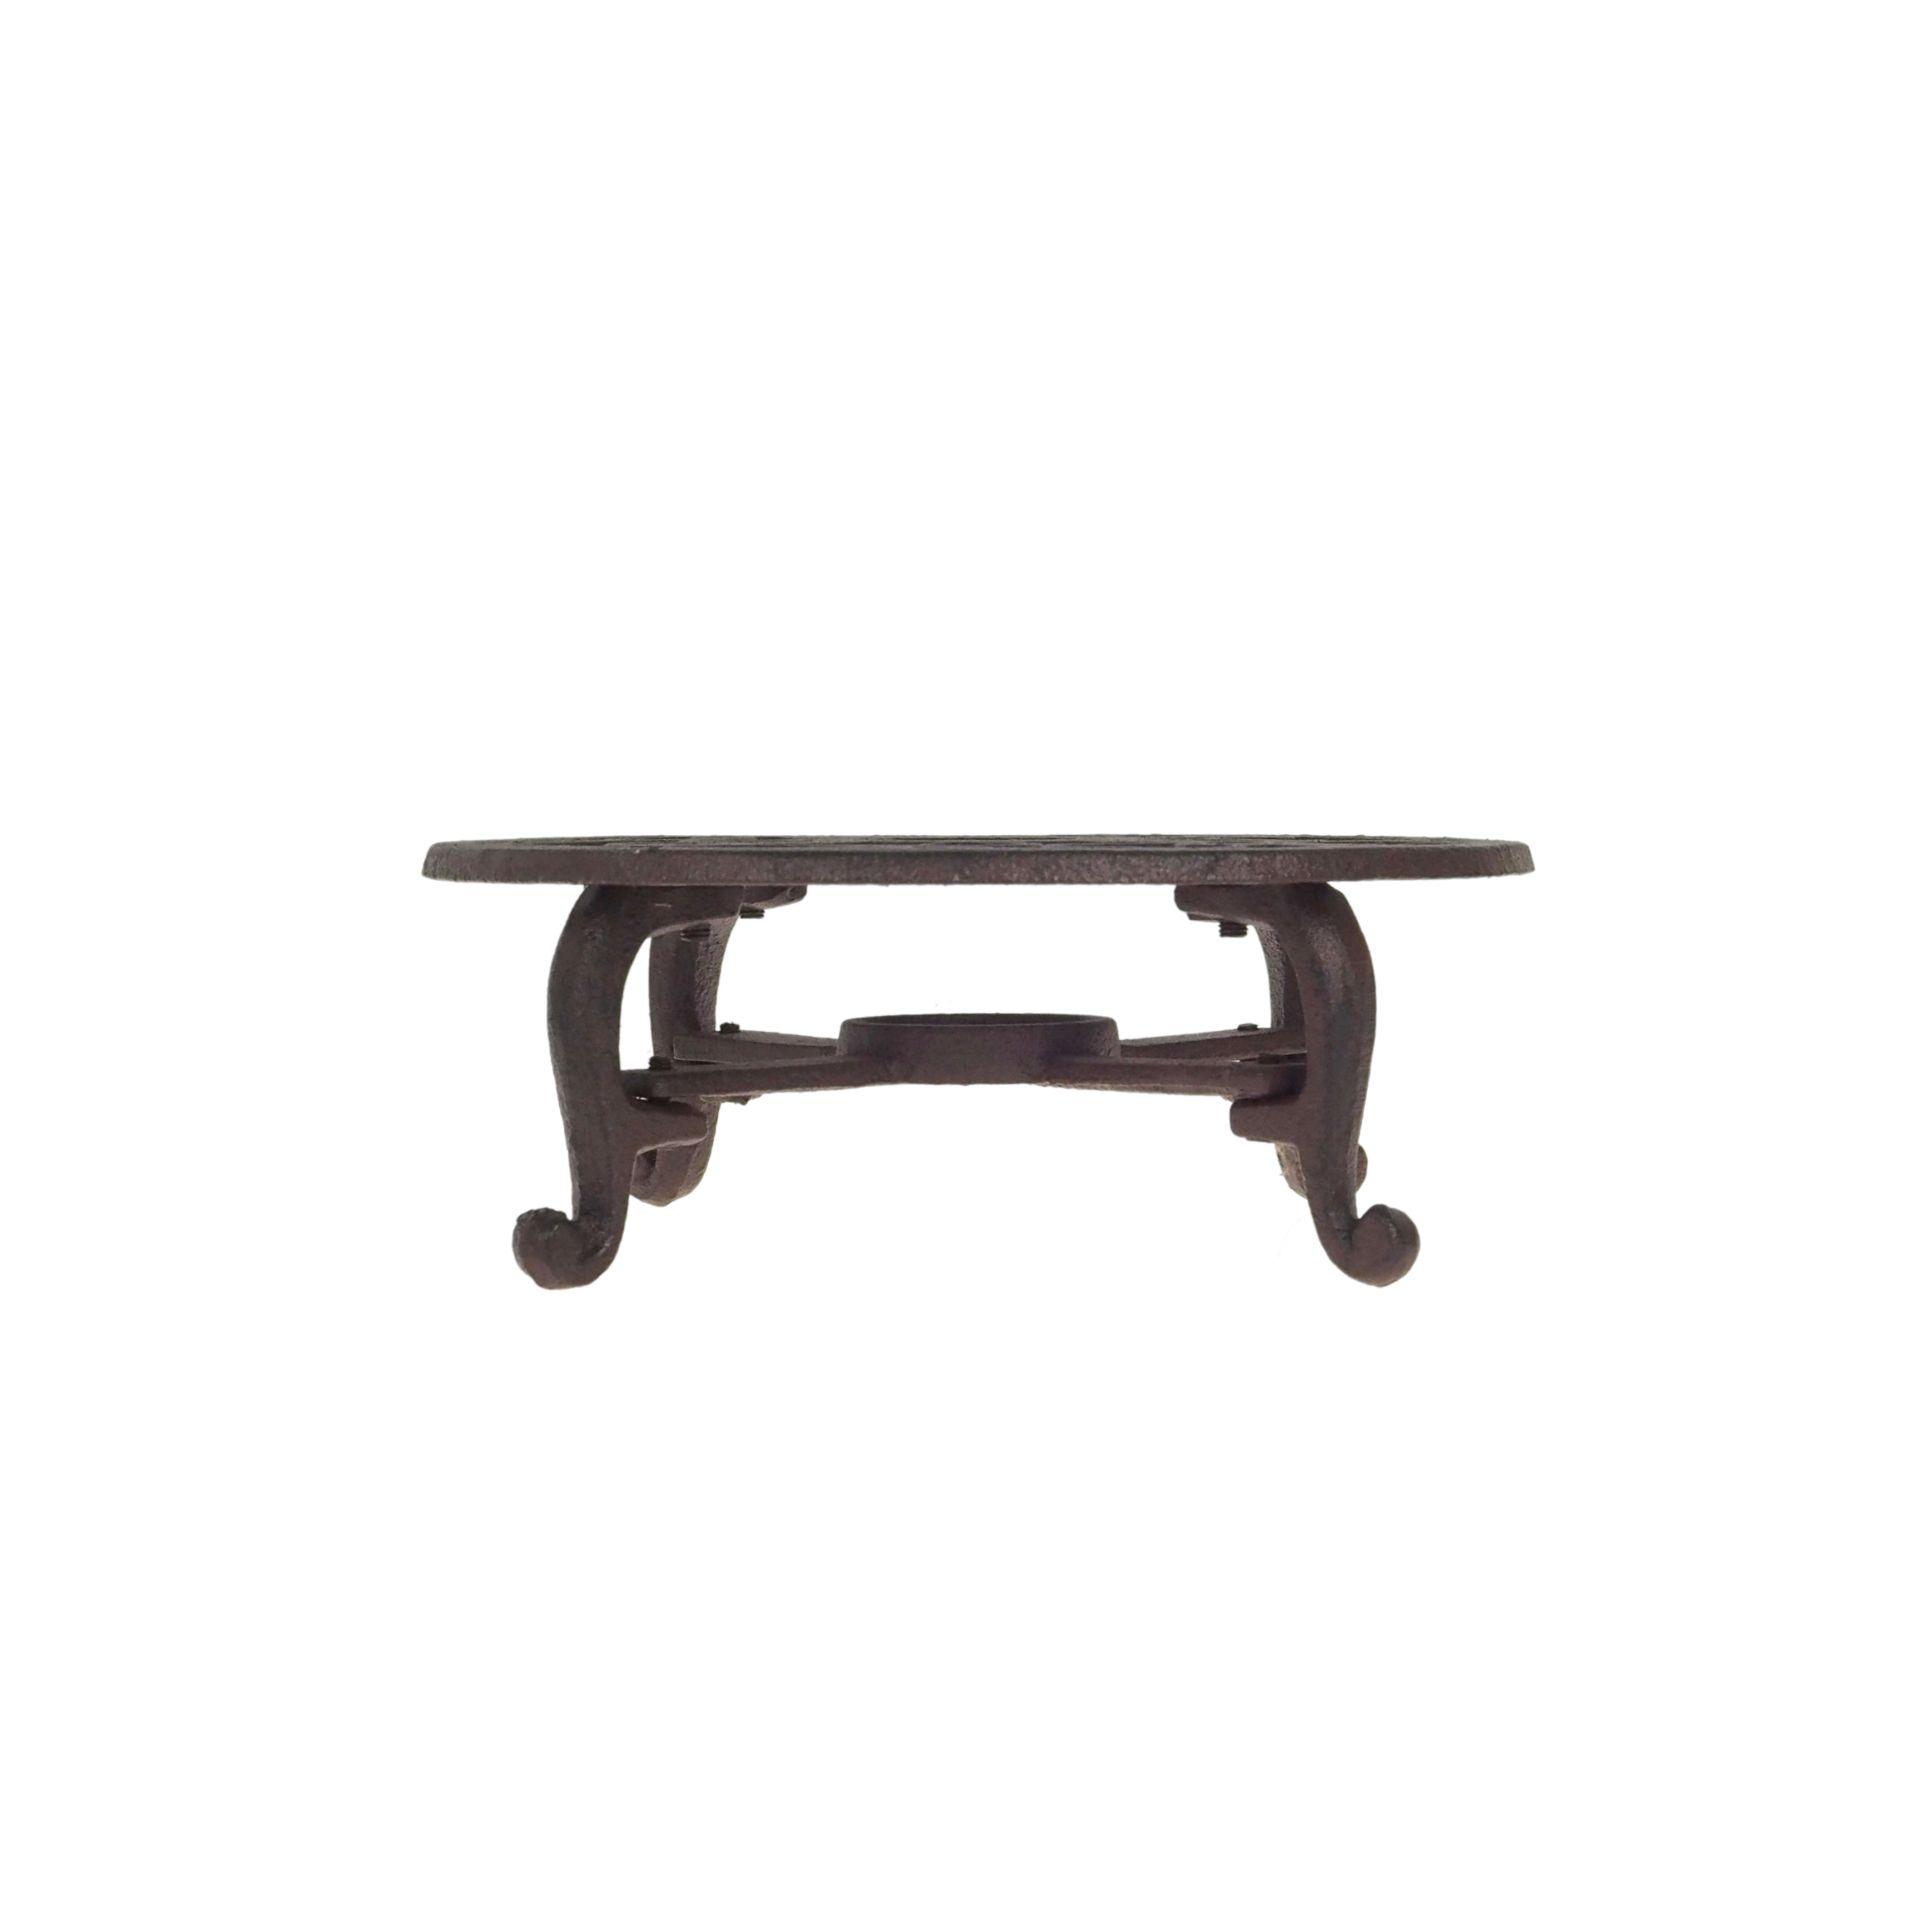 żeliwny podgrzewacz na stół